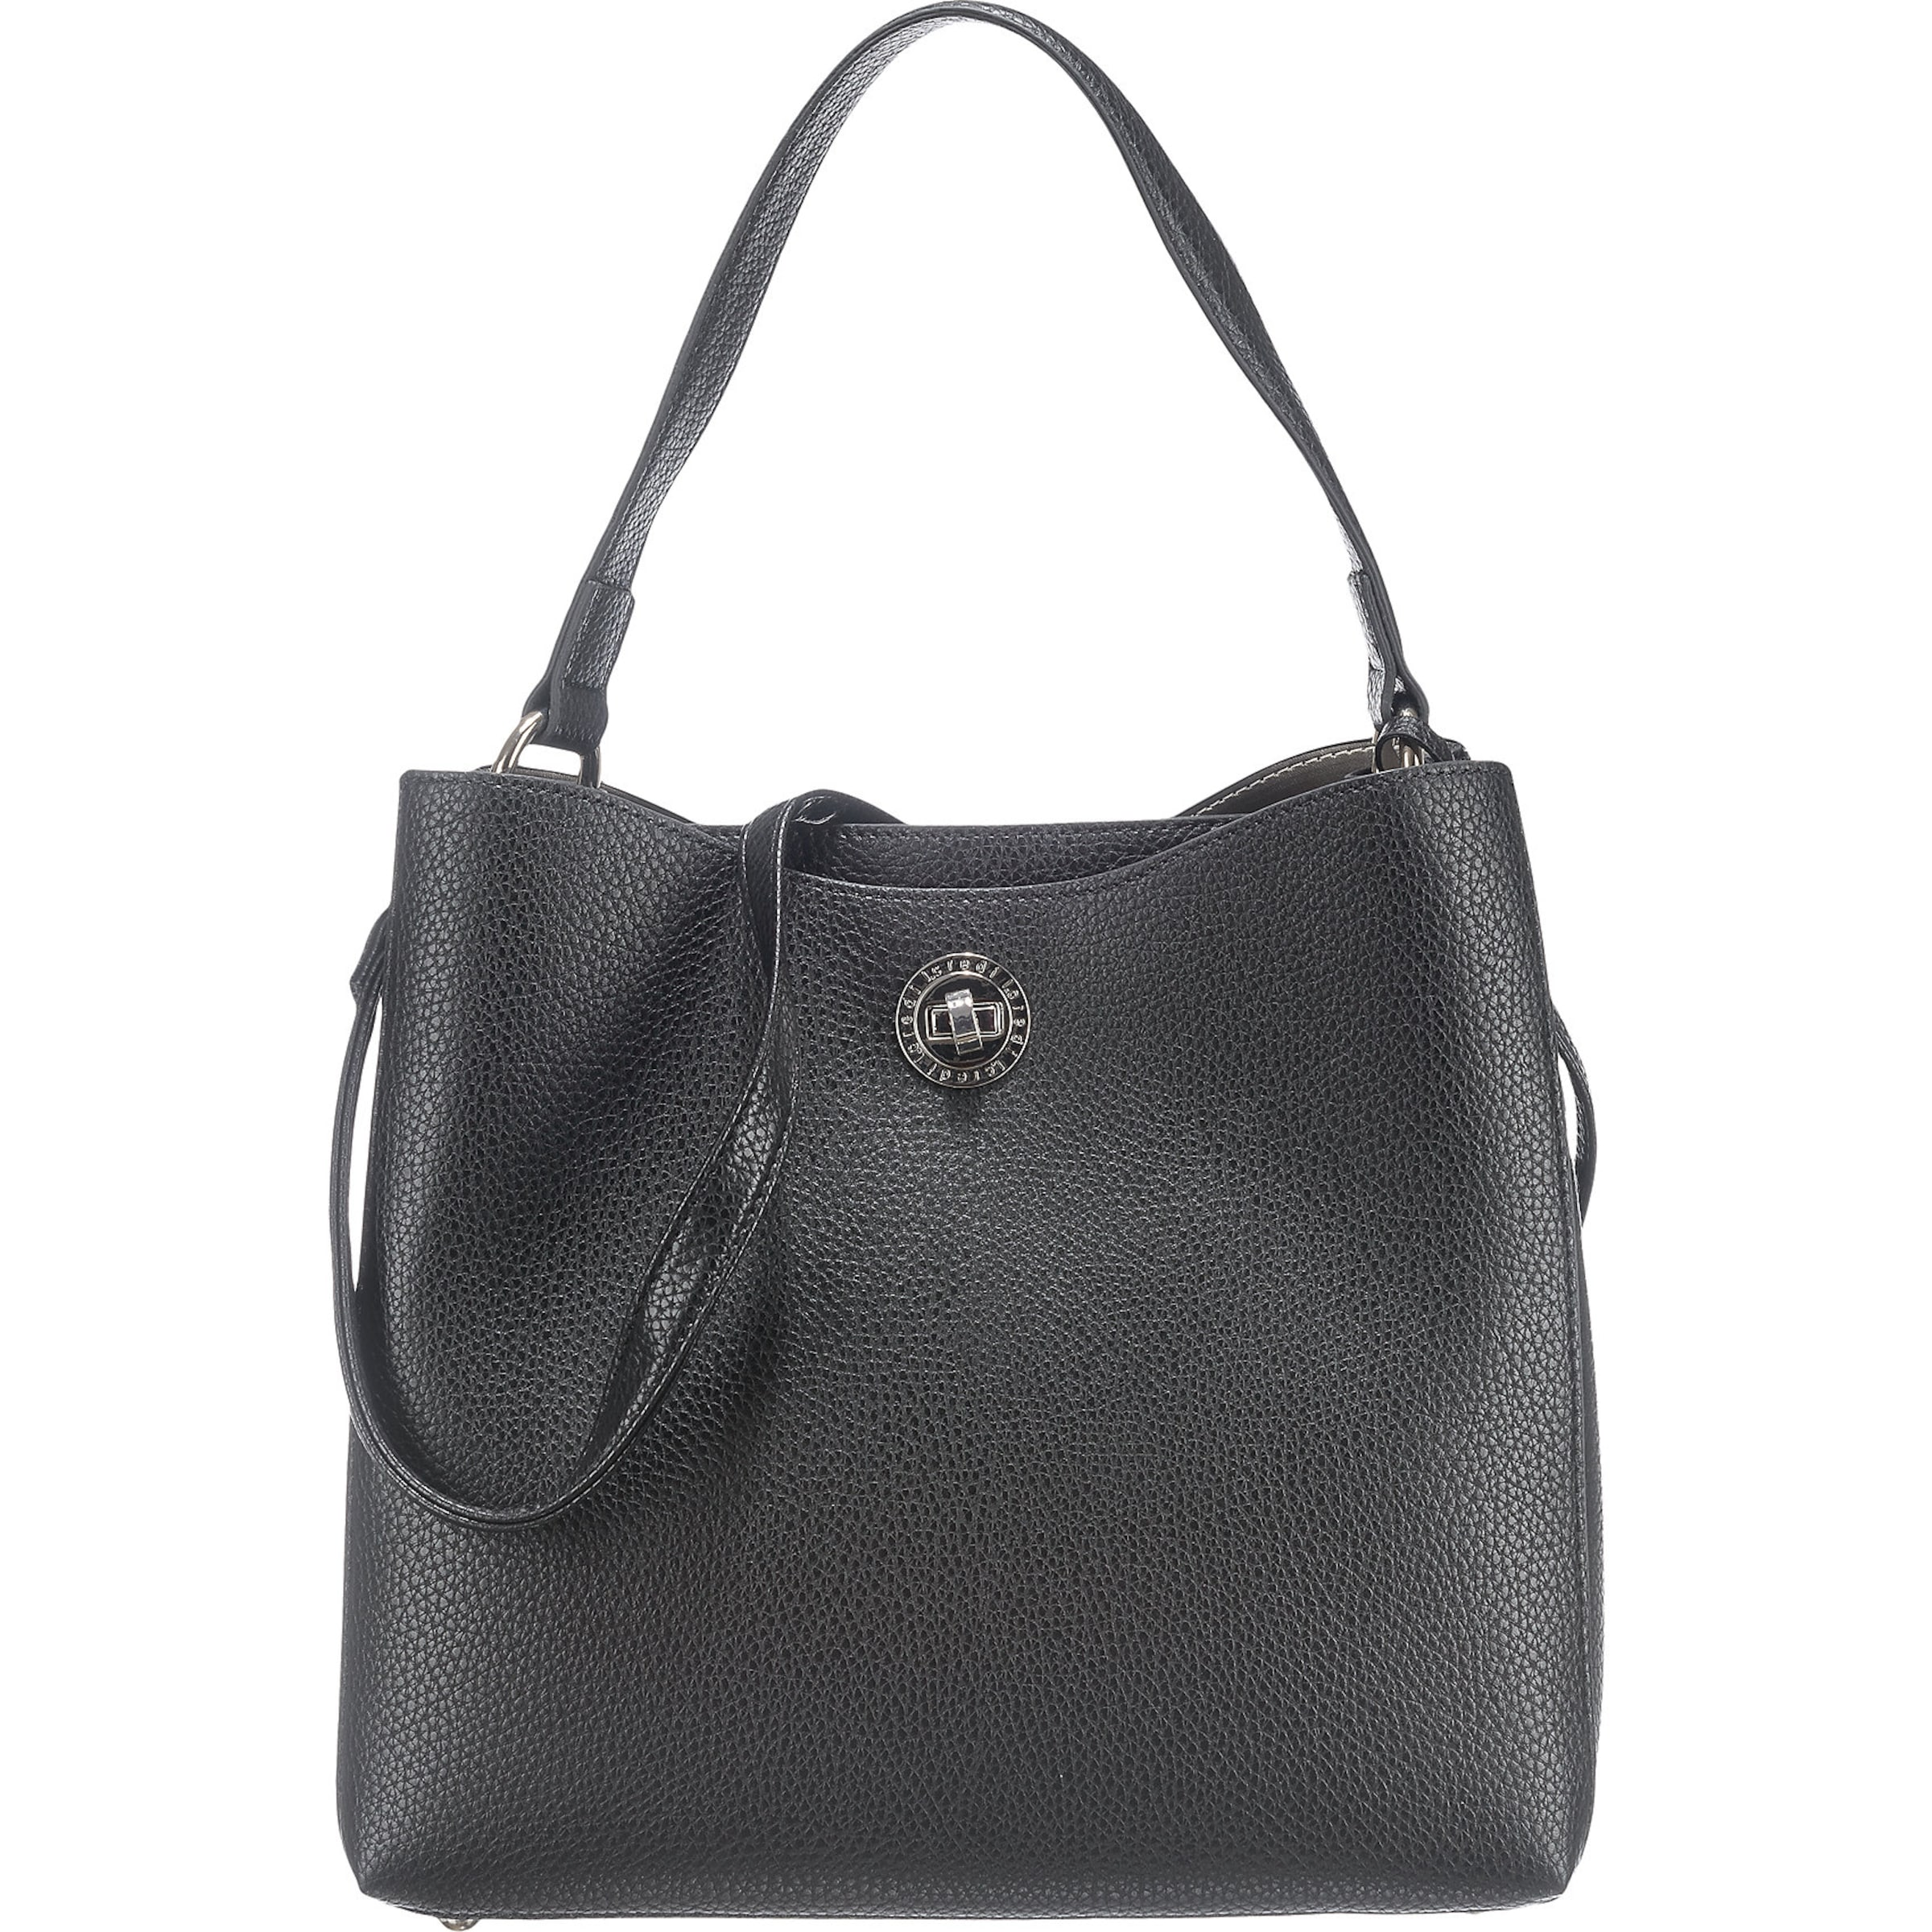 L.CREDI 'Apollonia' Handtasche Billig Verkauf Erstaunlicher Preis Beliebt 2018 Rabatt ay1w7d